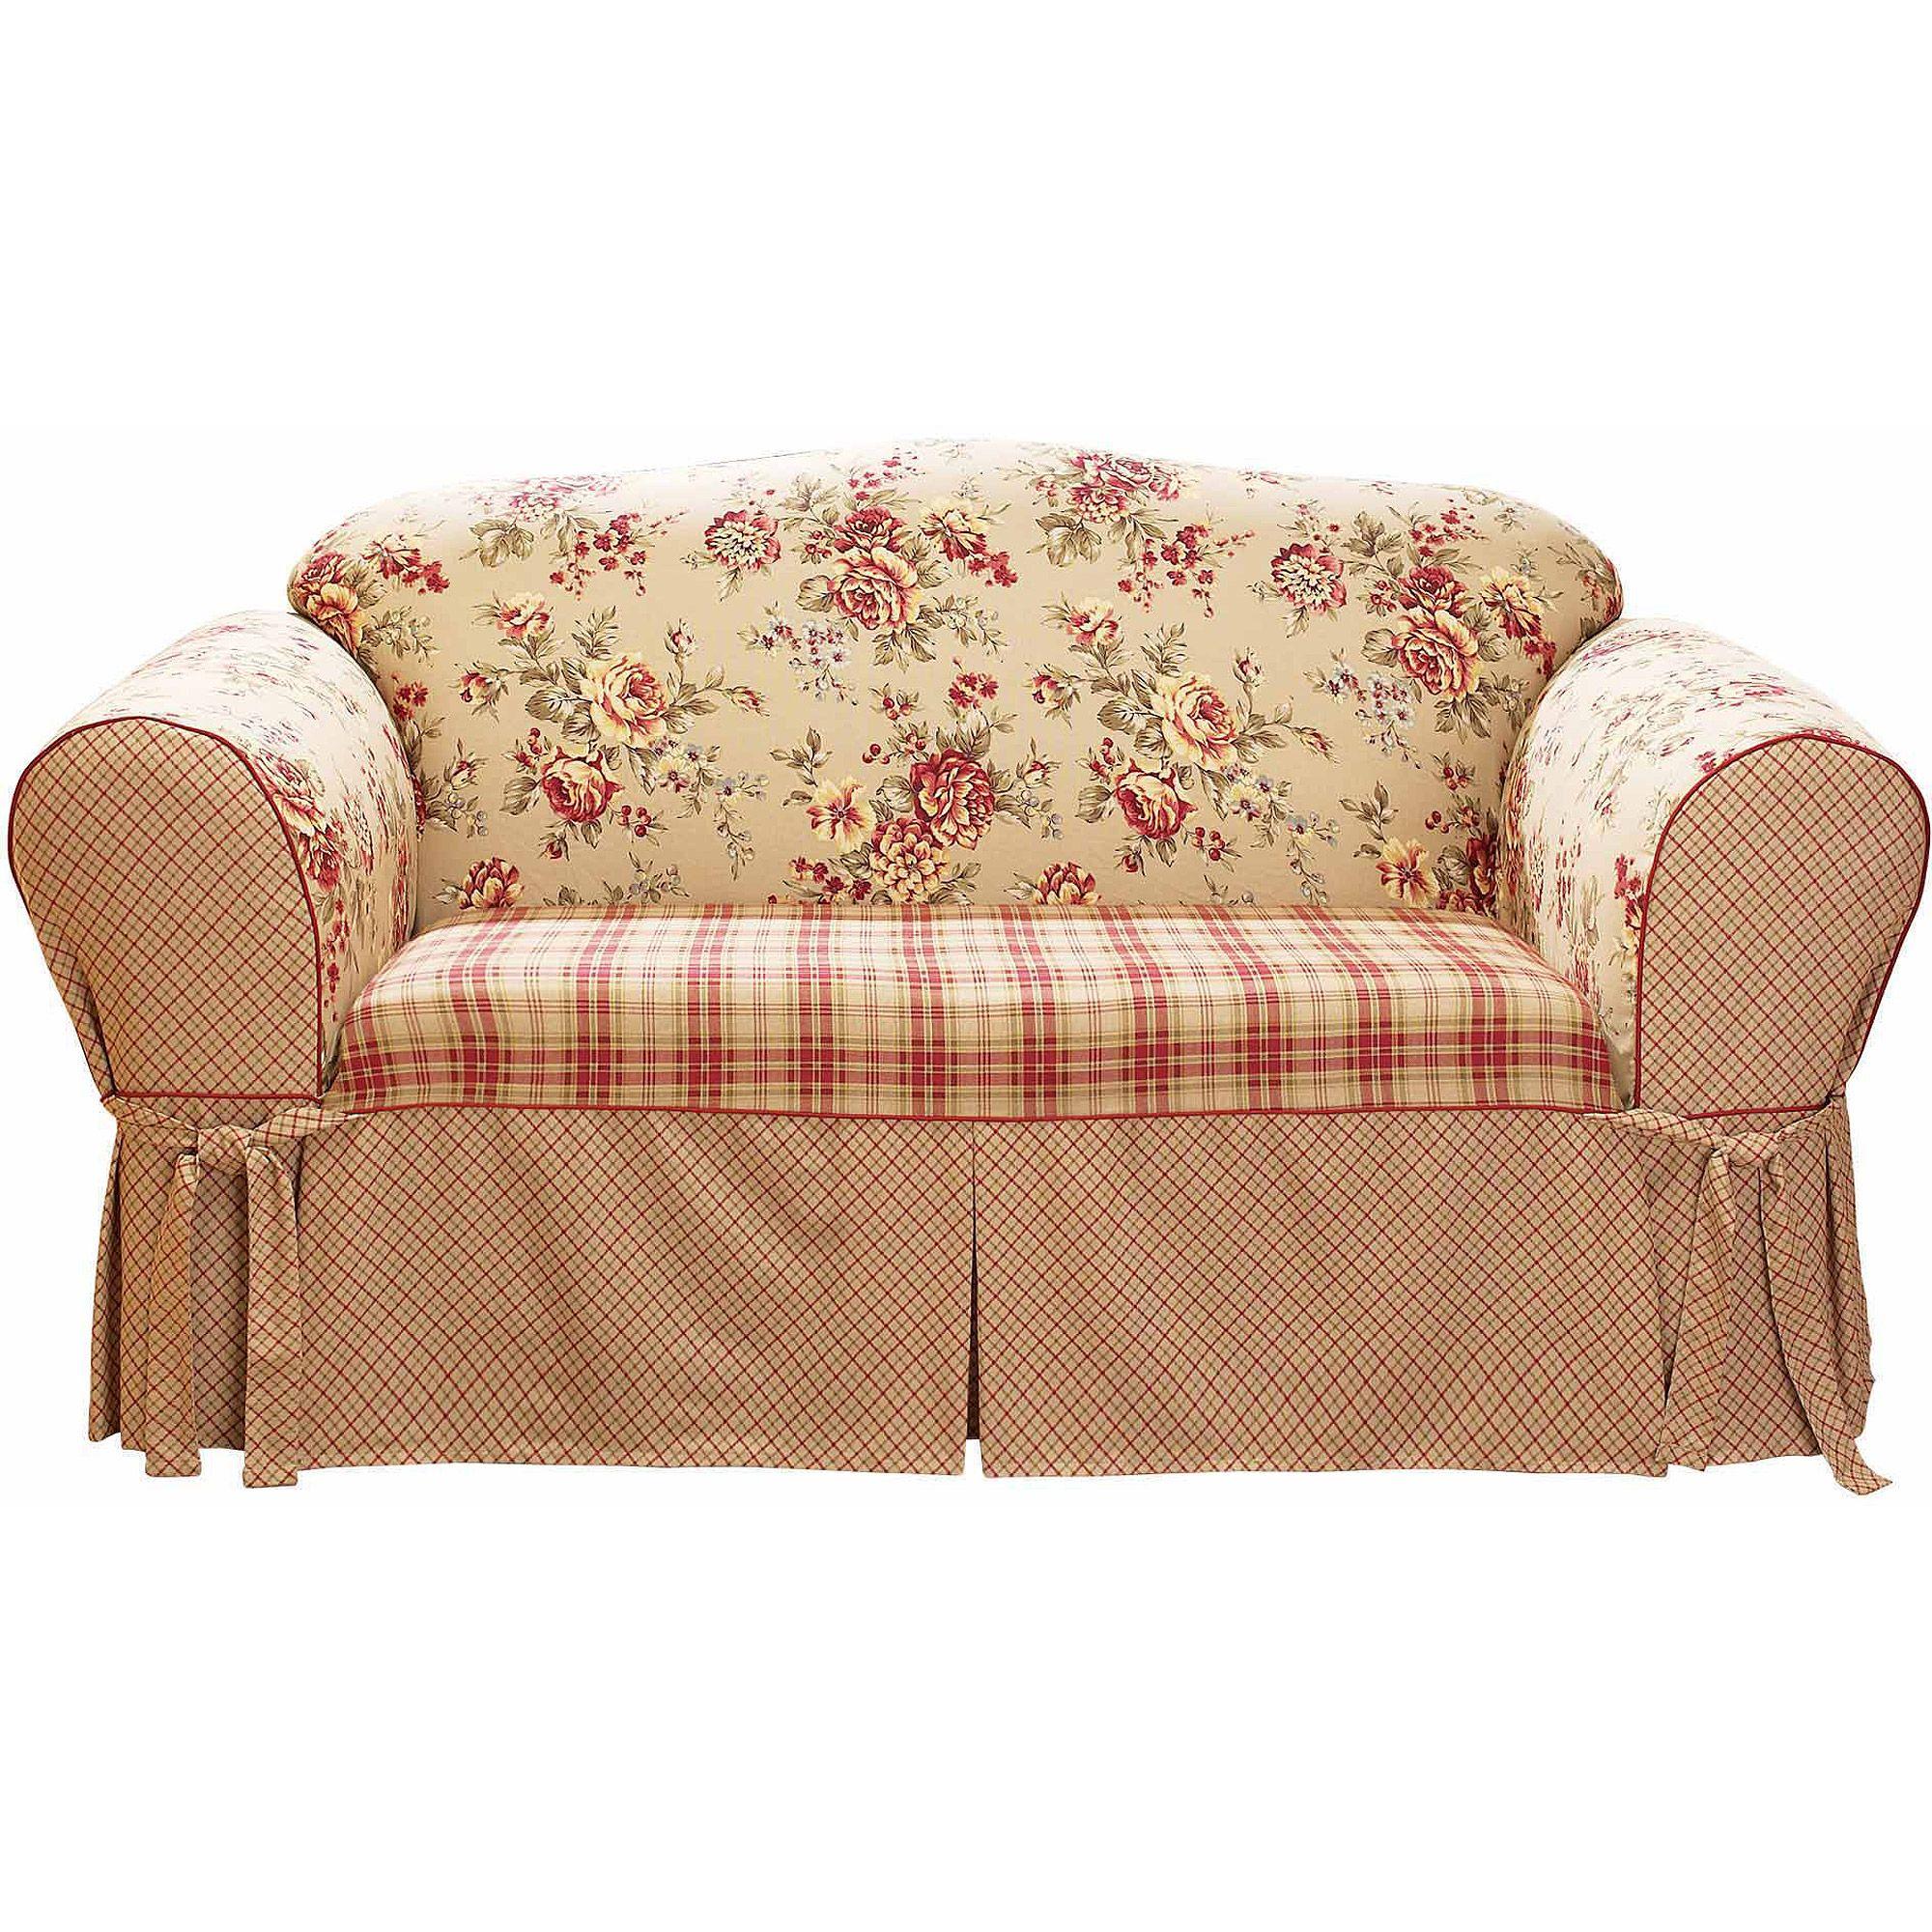 Sure Fit Lexington Wing Chair Slipcover, MultiColor